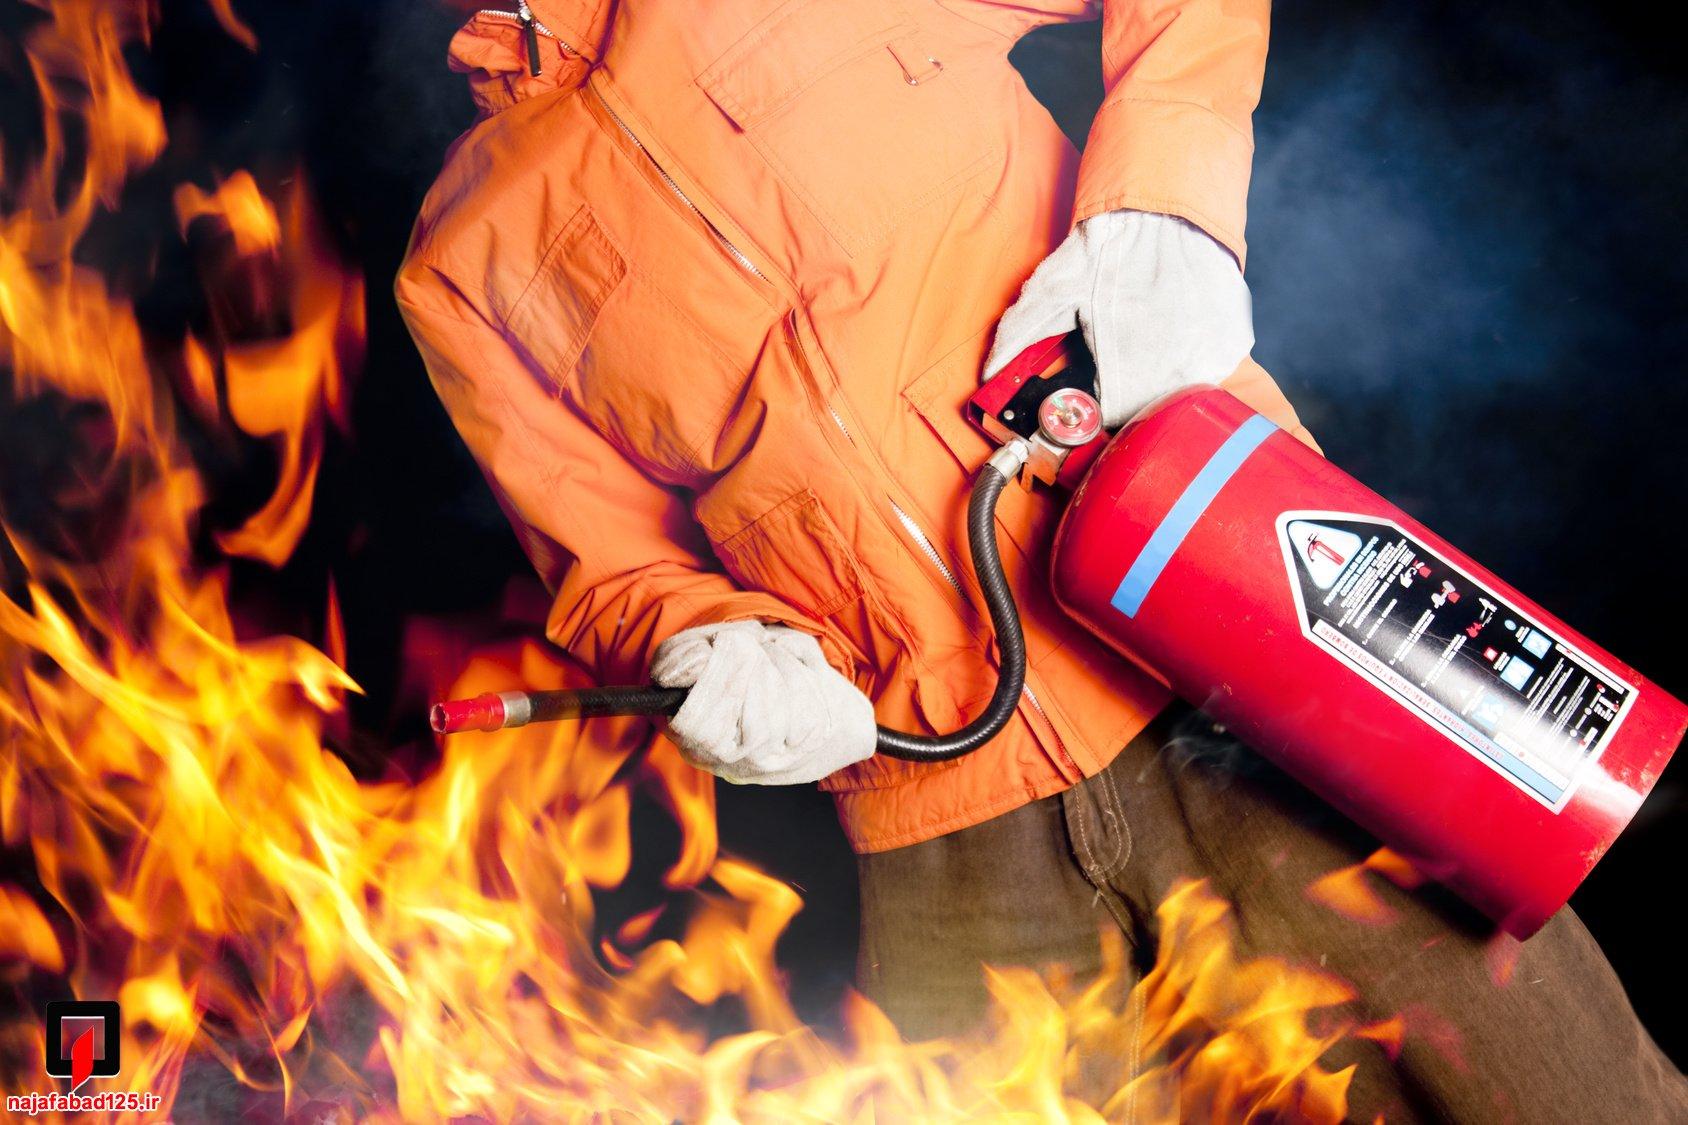 توصیه های ایمنی هنگام آتش سوزی